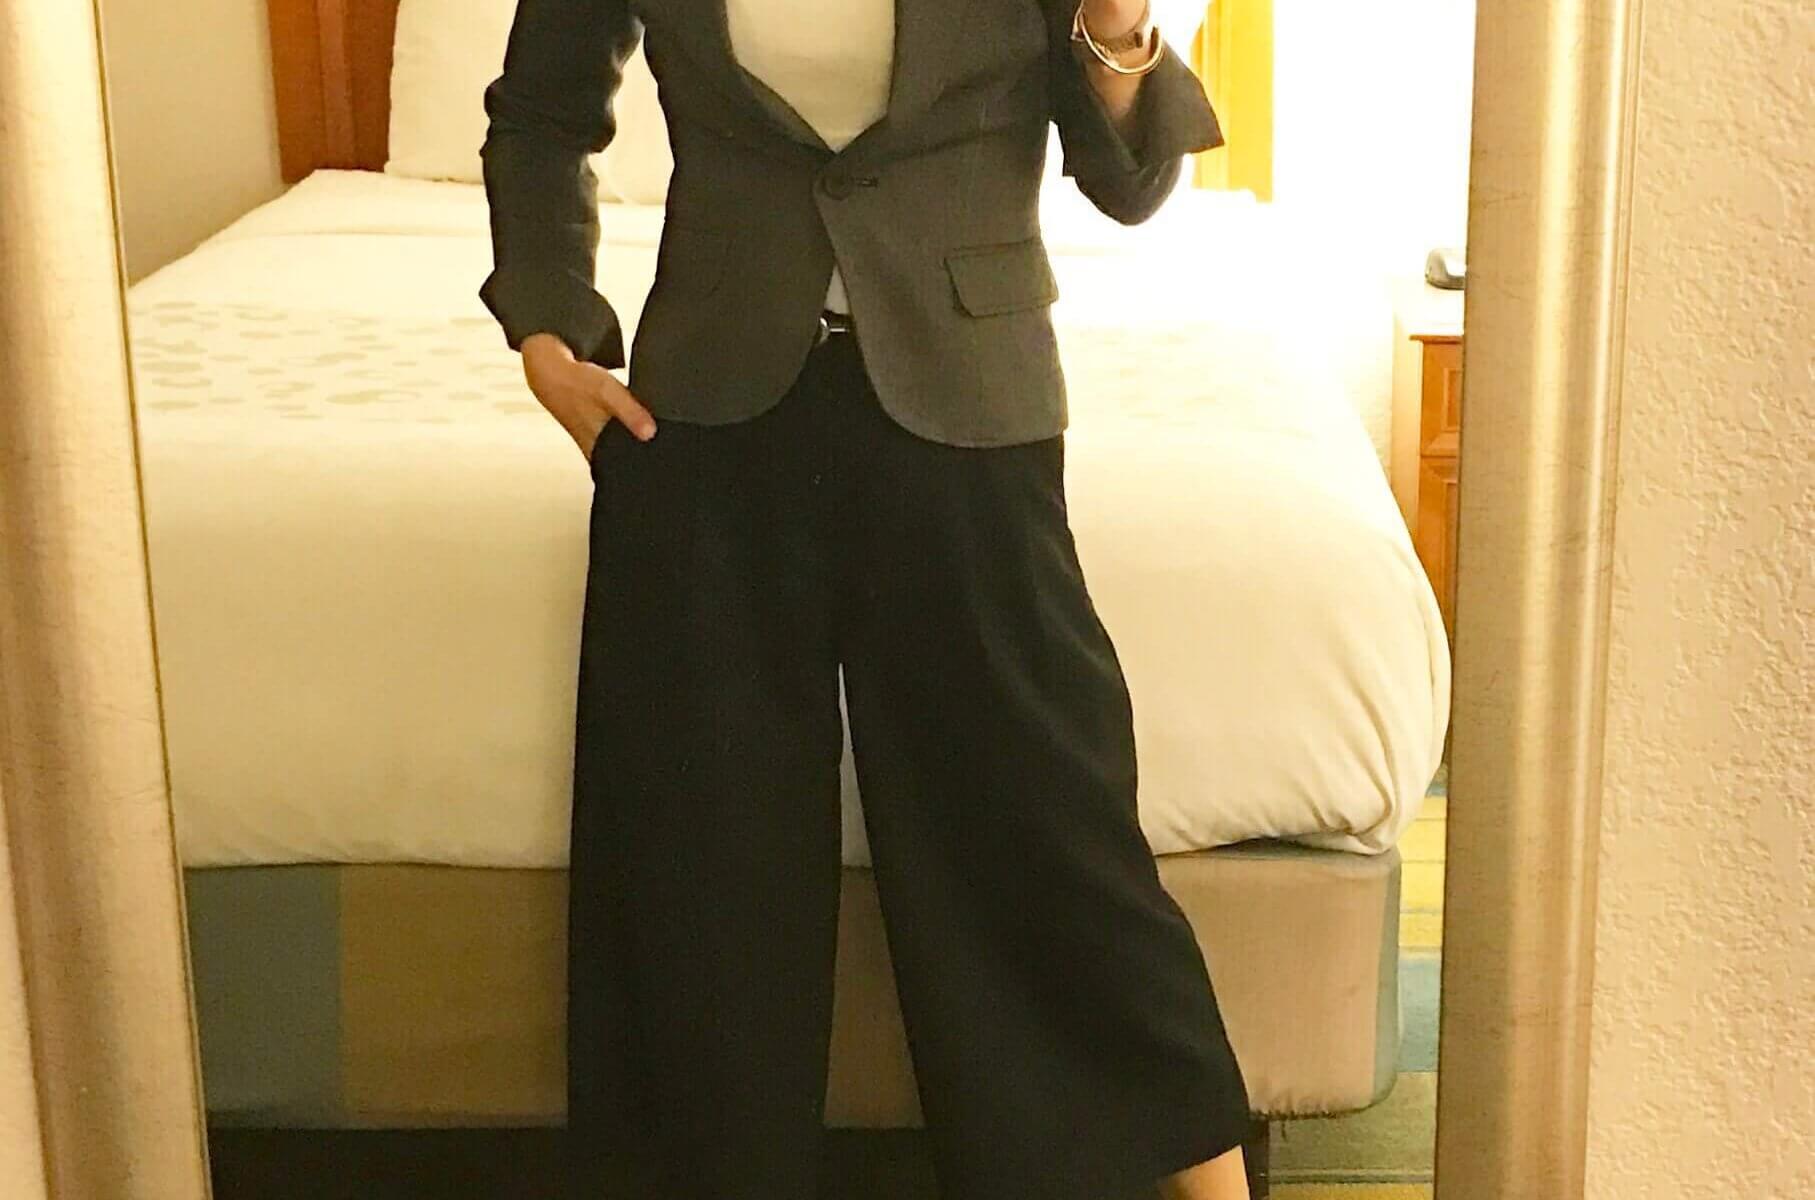 白のボートネックプルオーバーにグレーのジャケット、黒のガウチョパンツを合わせたコーディネート。